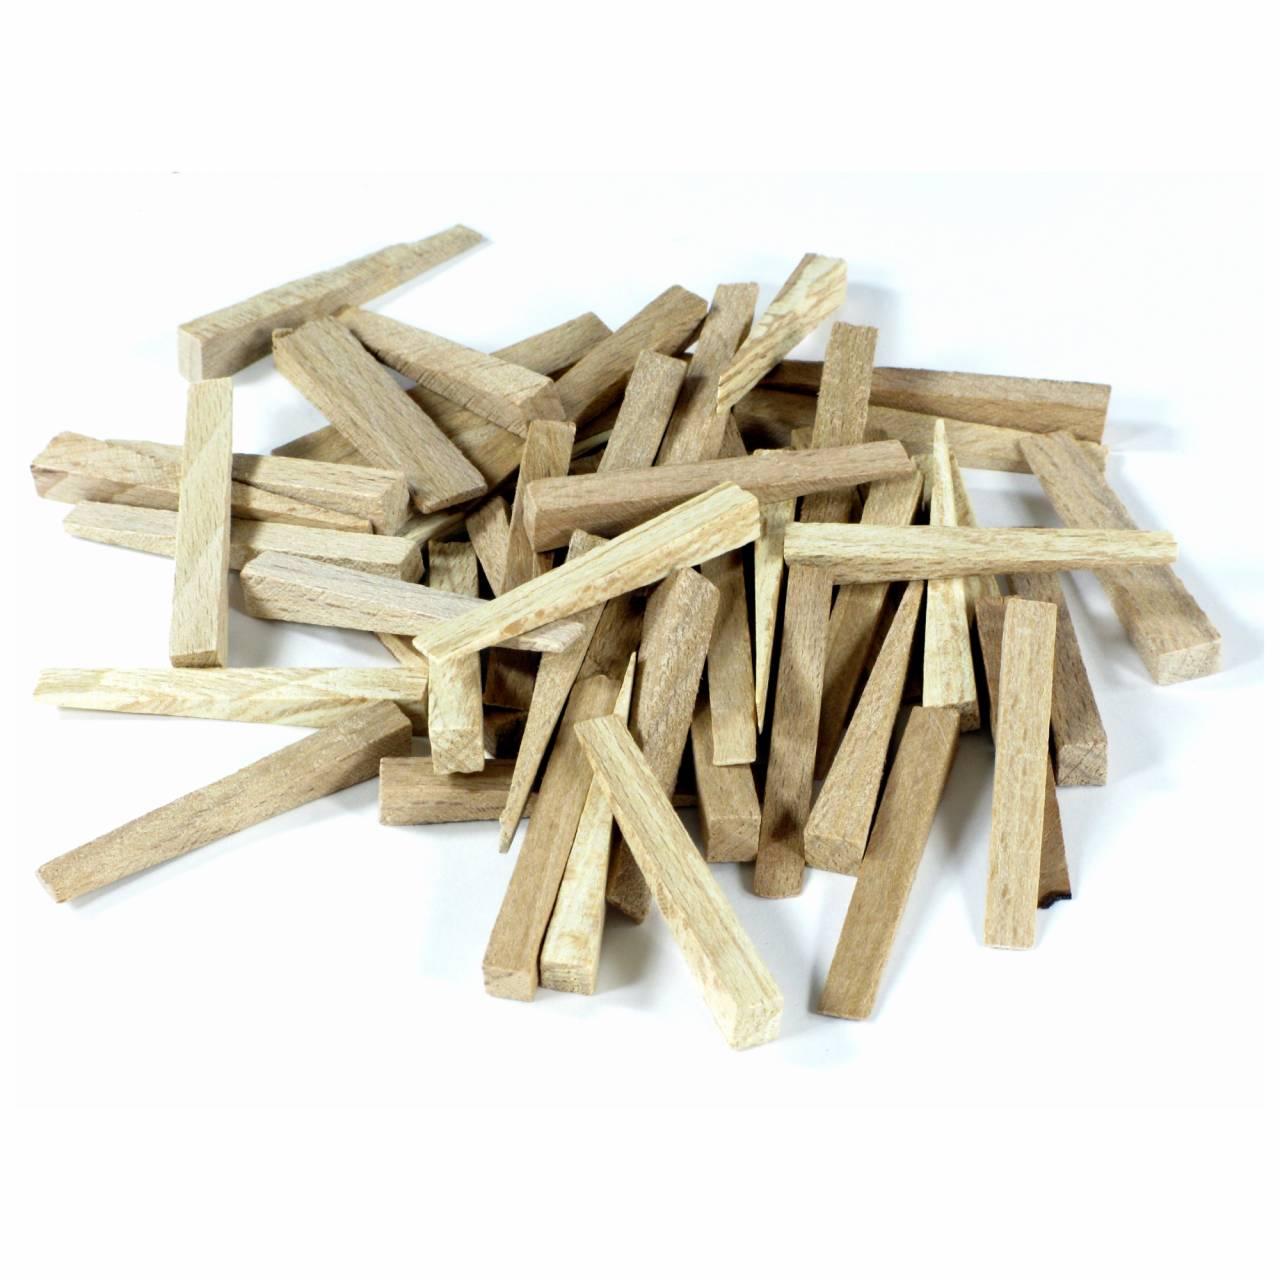 Fliesenkeile Holz 54,0 x 10,0 x 4,0-14,0 mm / Btl a 250 Stück